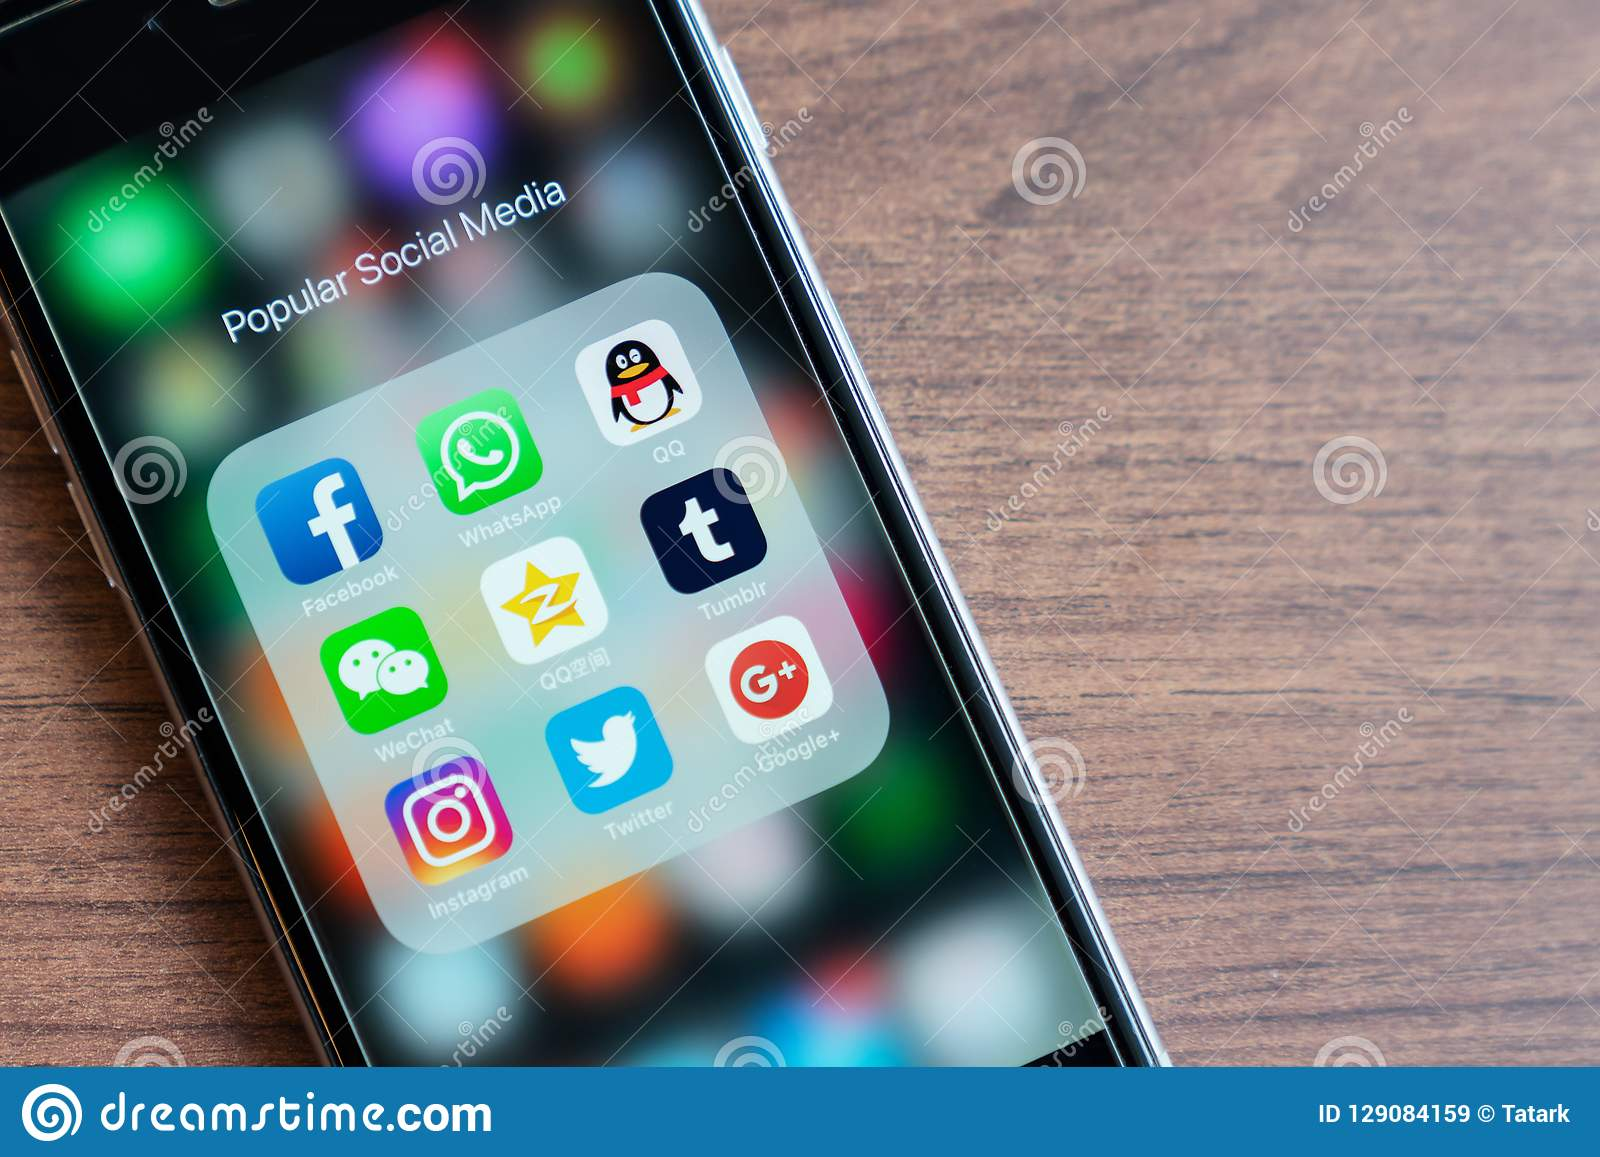 BANGUECOQUE, TAILÂNDIA - 5 de outubro de 2018: o iPhone com ícone dos meios sociais populares app é na moda em 2018 Facebook, Wha